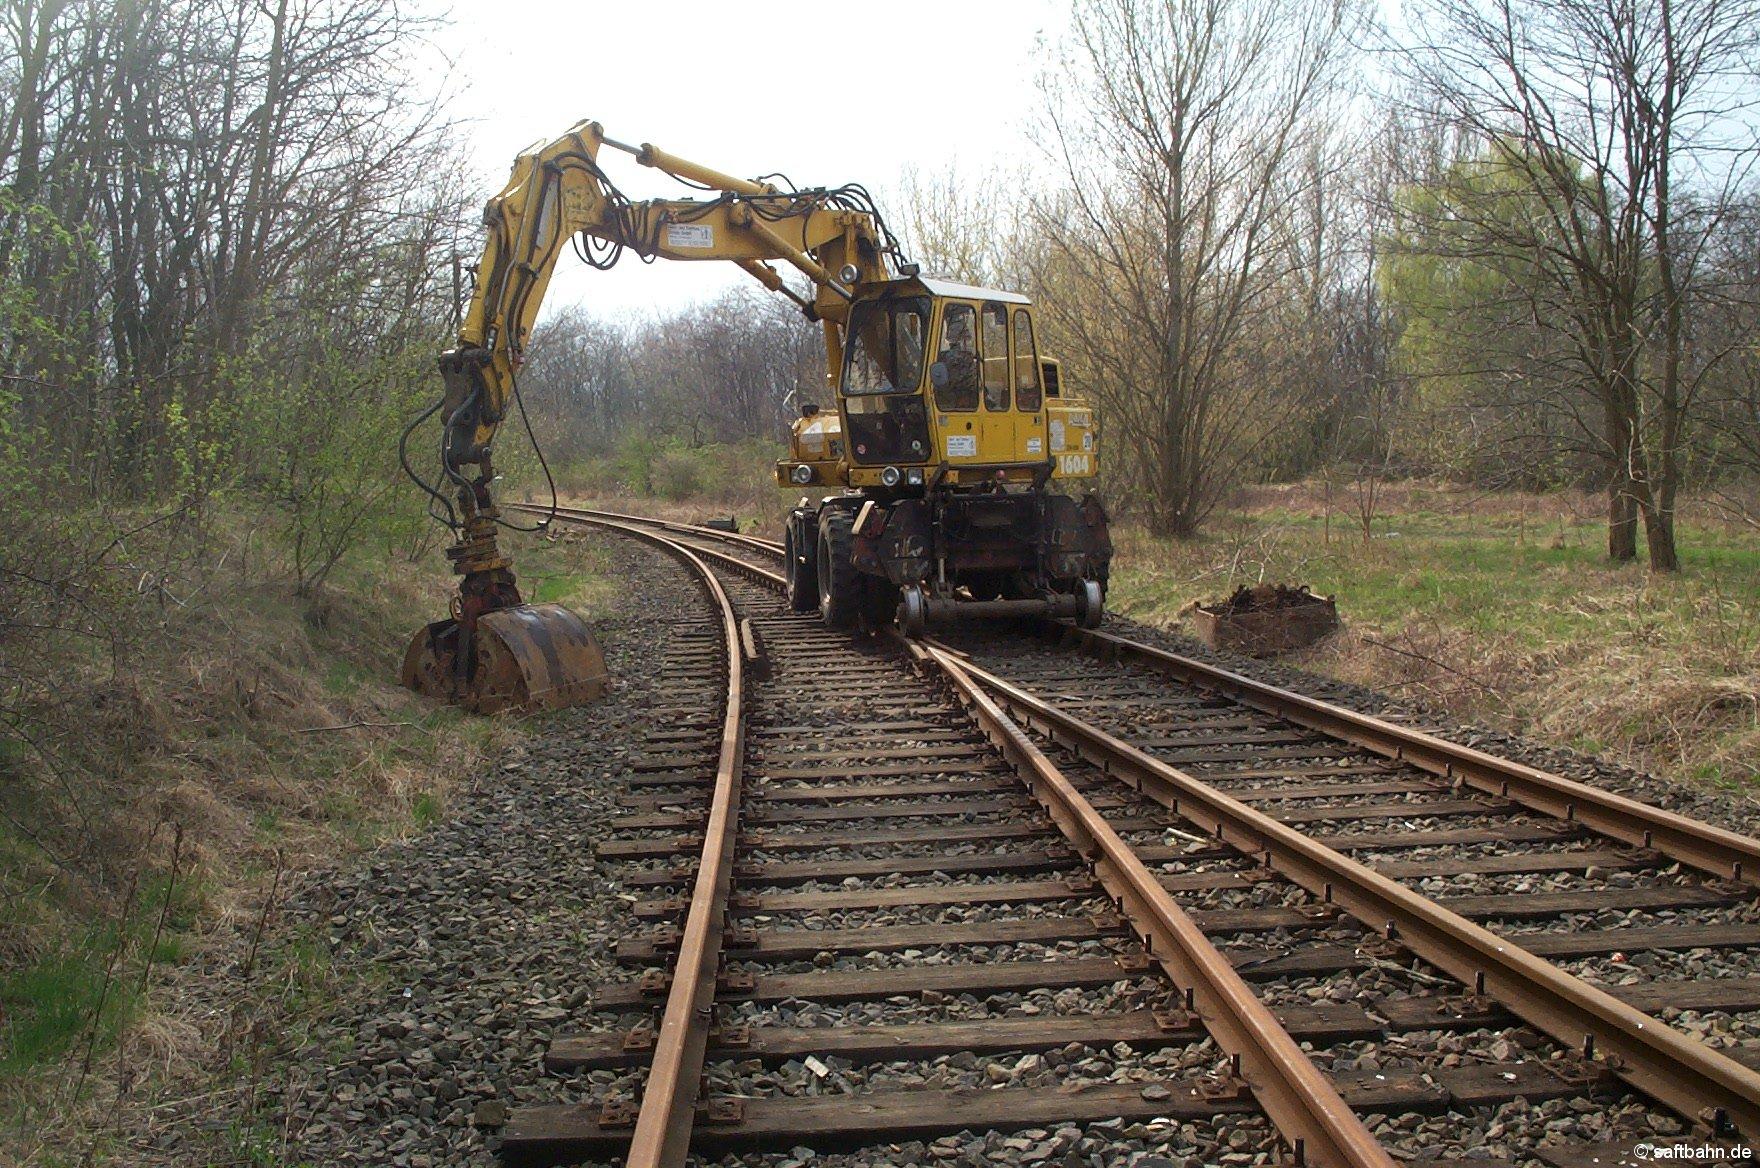 Zum Reaktvierungsprozeß gehört auch der Gleisrückbau im Bahnhof Sandersdorf. Am 20. April 2005 begannen die Vorarbeiten für den Abbau von drei Weichen.